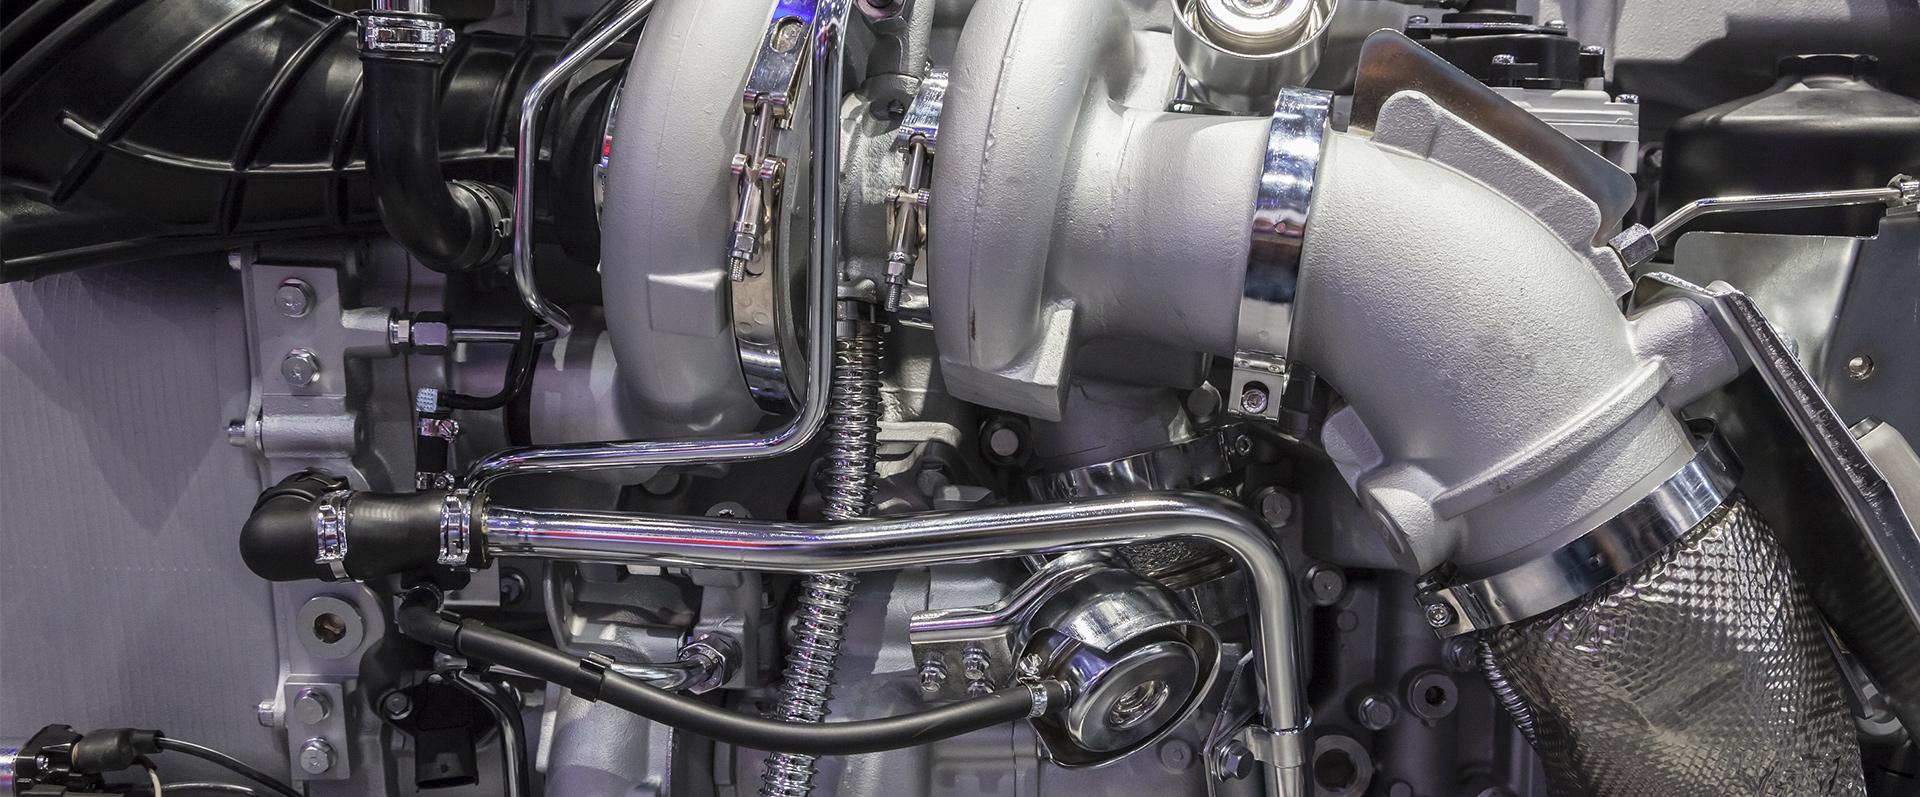 Auto diesel truck repair towing roadside assistance for Ford motor company roadside assistance